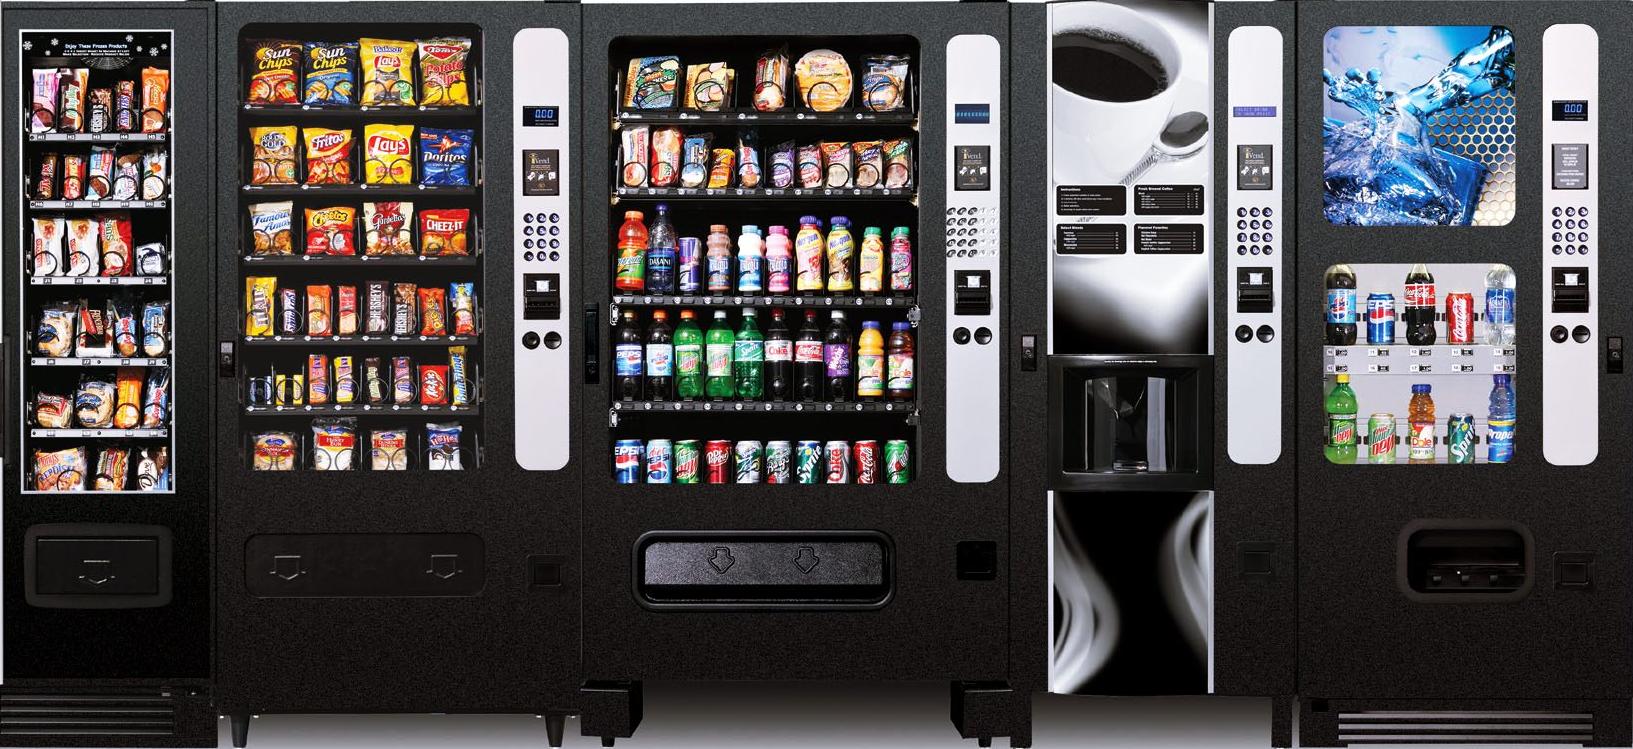 як організувати бізнес по установці і обслуговуванню снекових автоматів